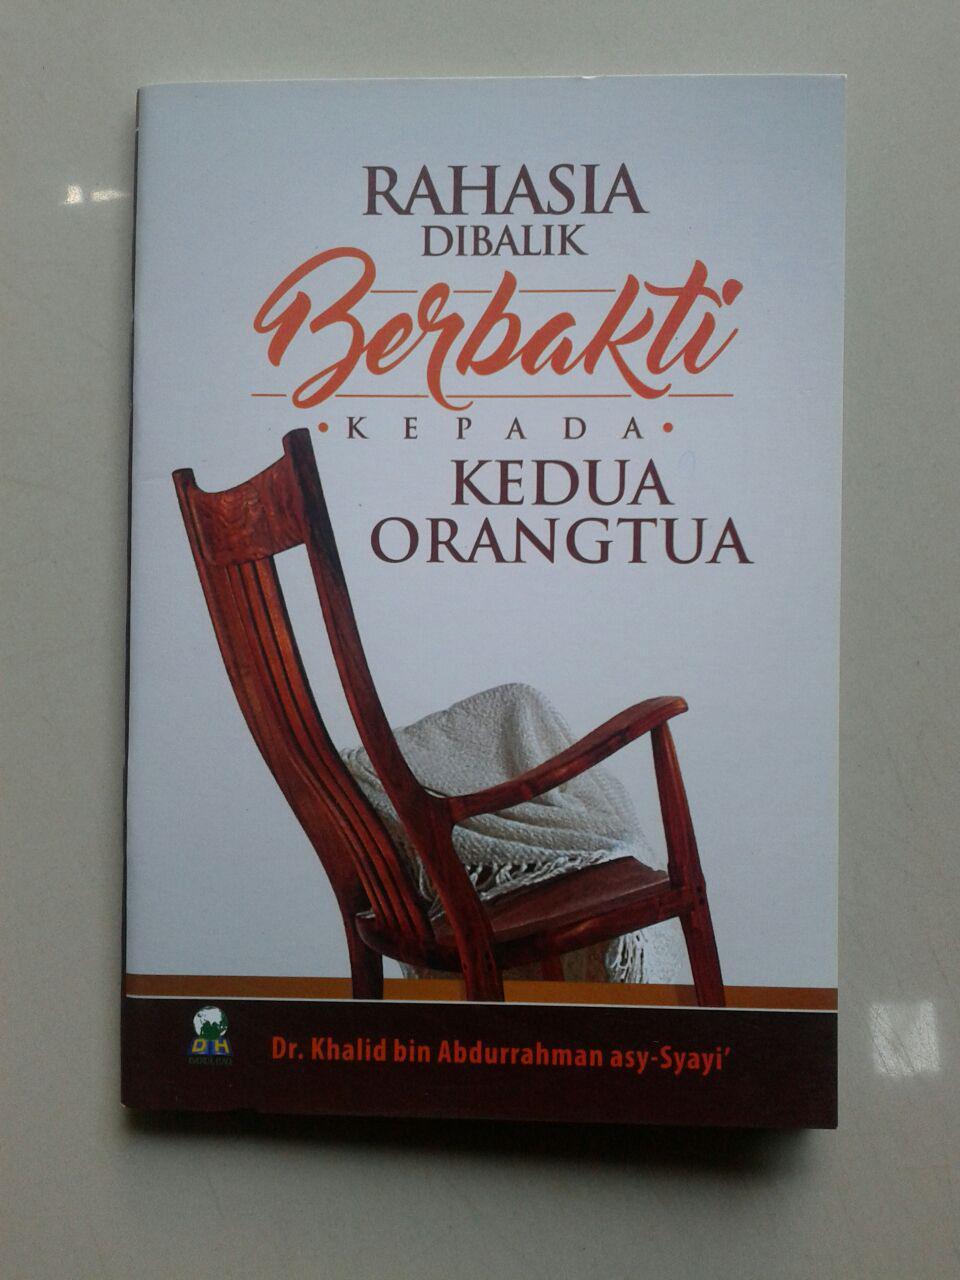 Buku Saku Rahasia Dibalik Berbakti Kepada Kedua Orangtua cover 2